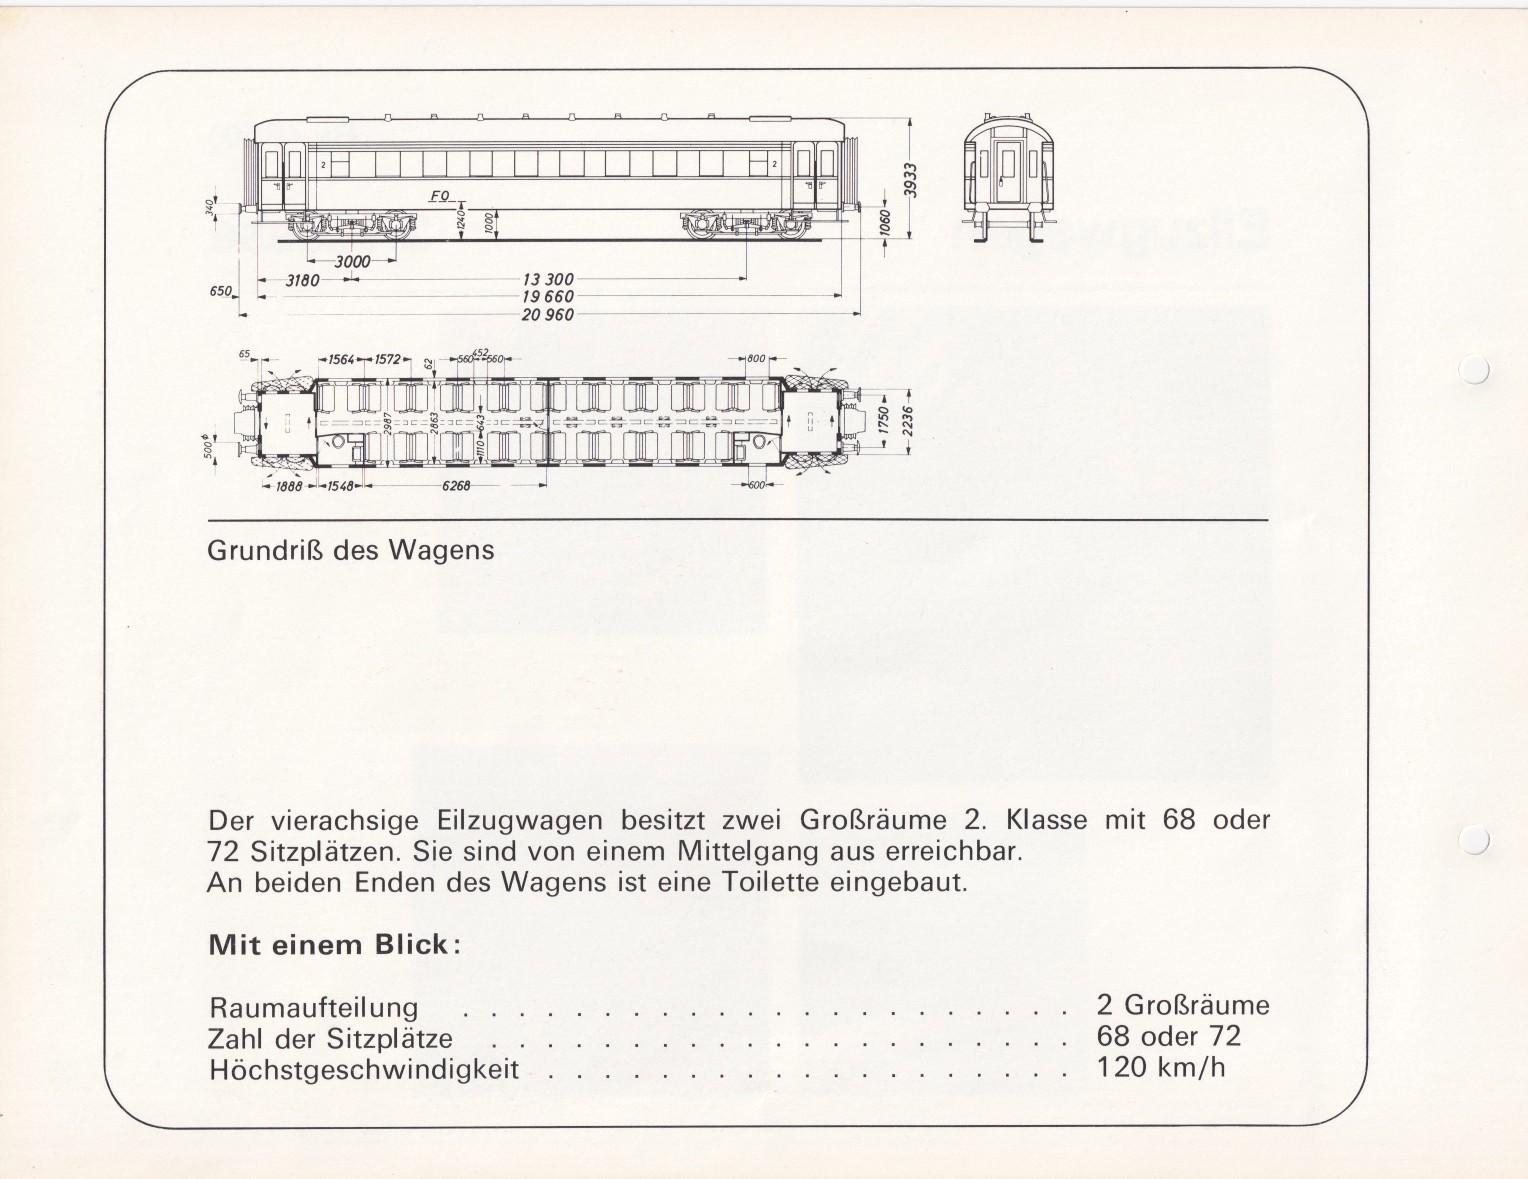 https://www.nullclub.de/hifo/Fahrzeuglexikon/Wagen22b.jpg